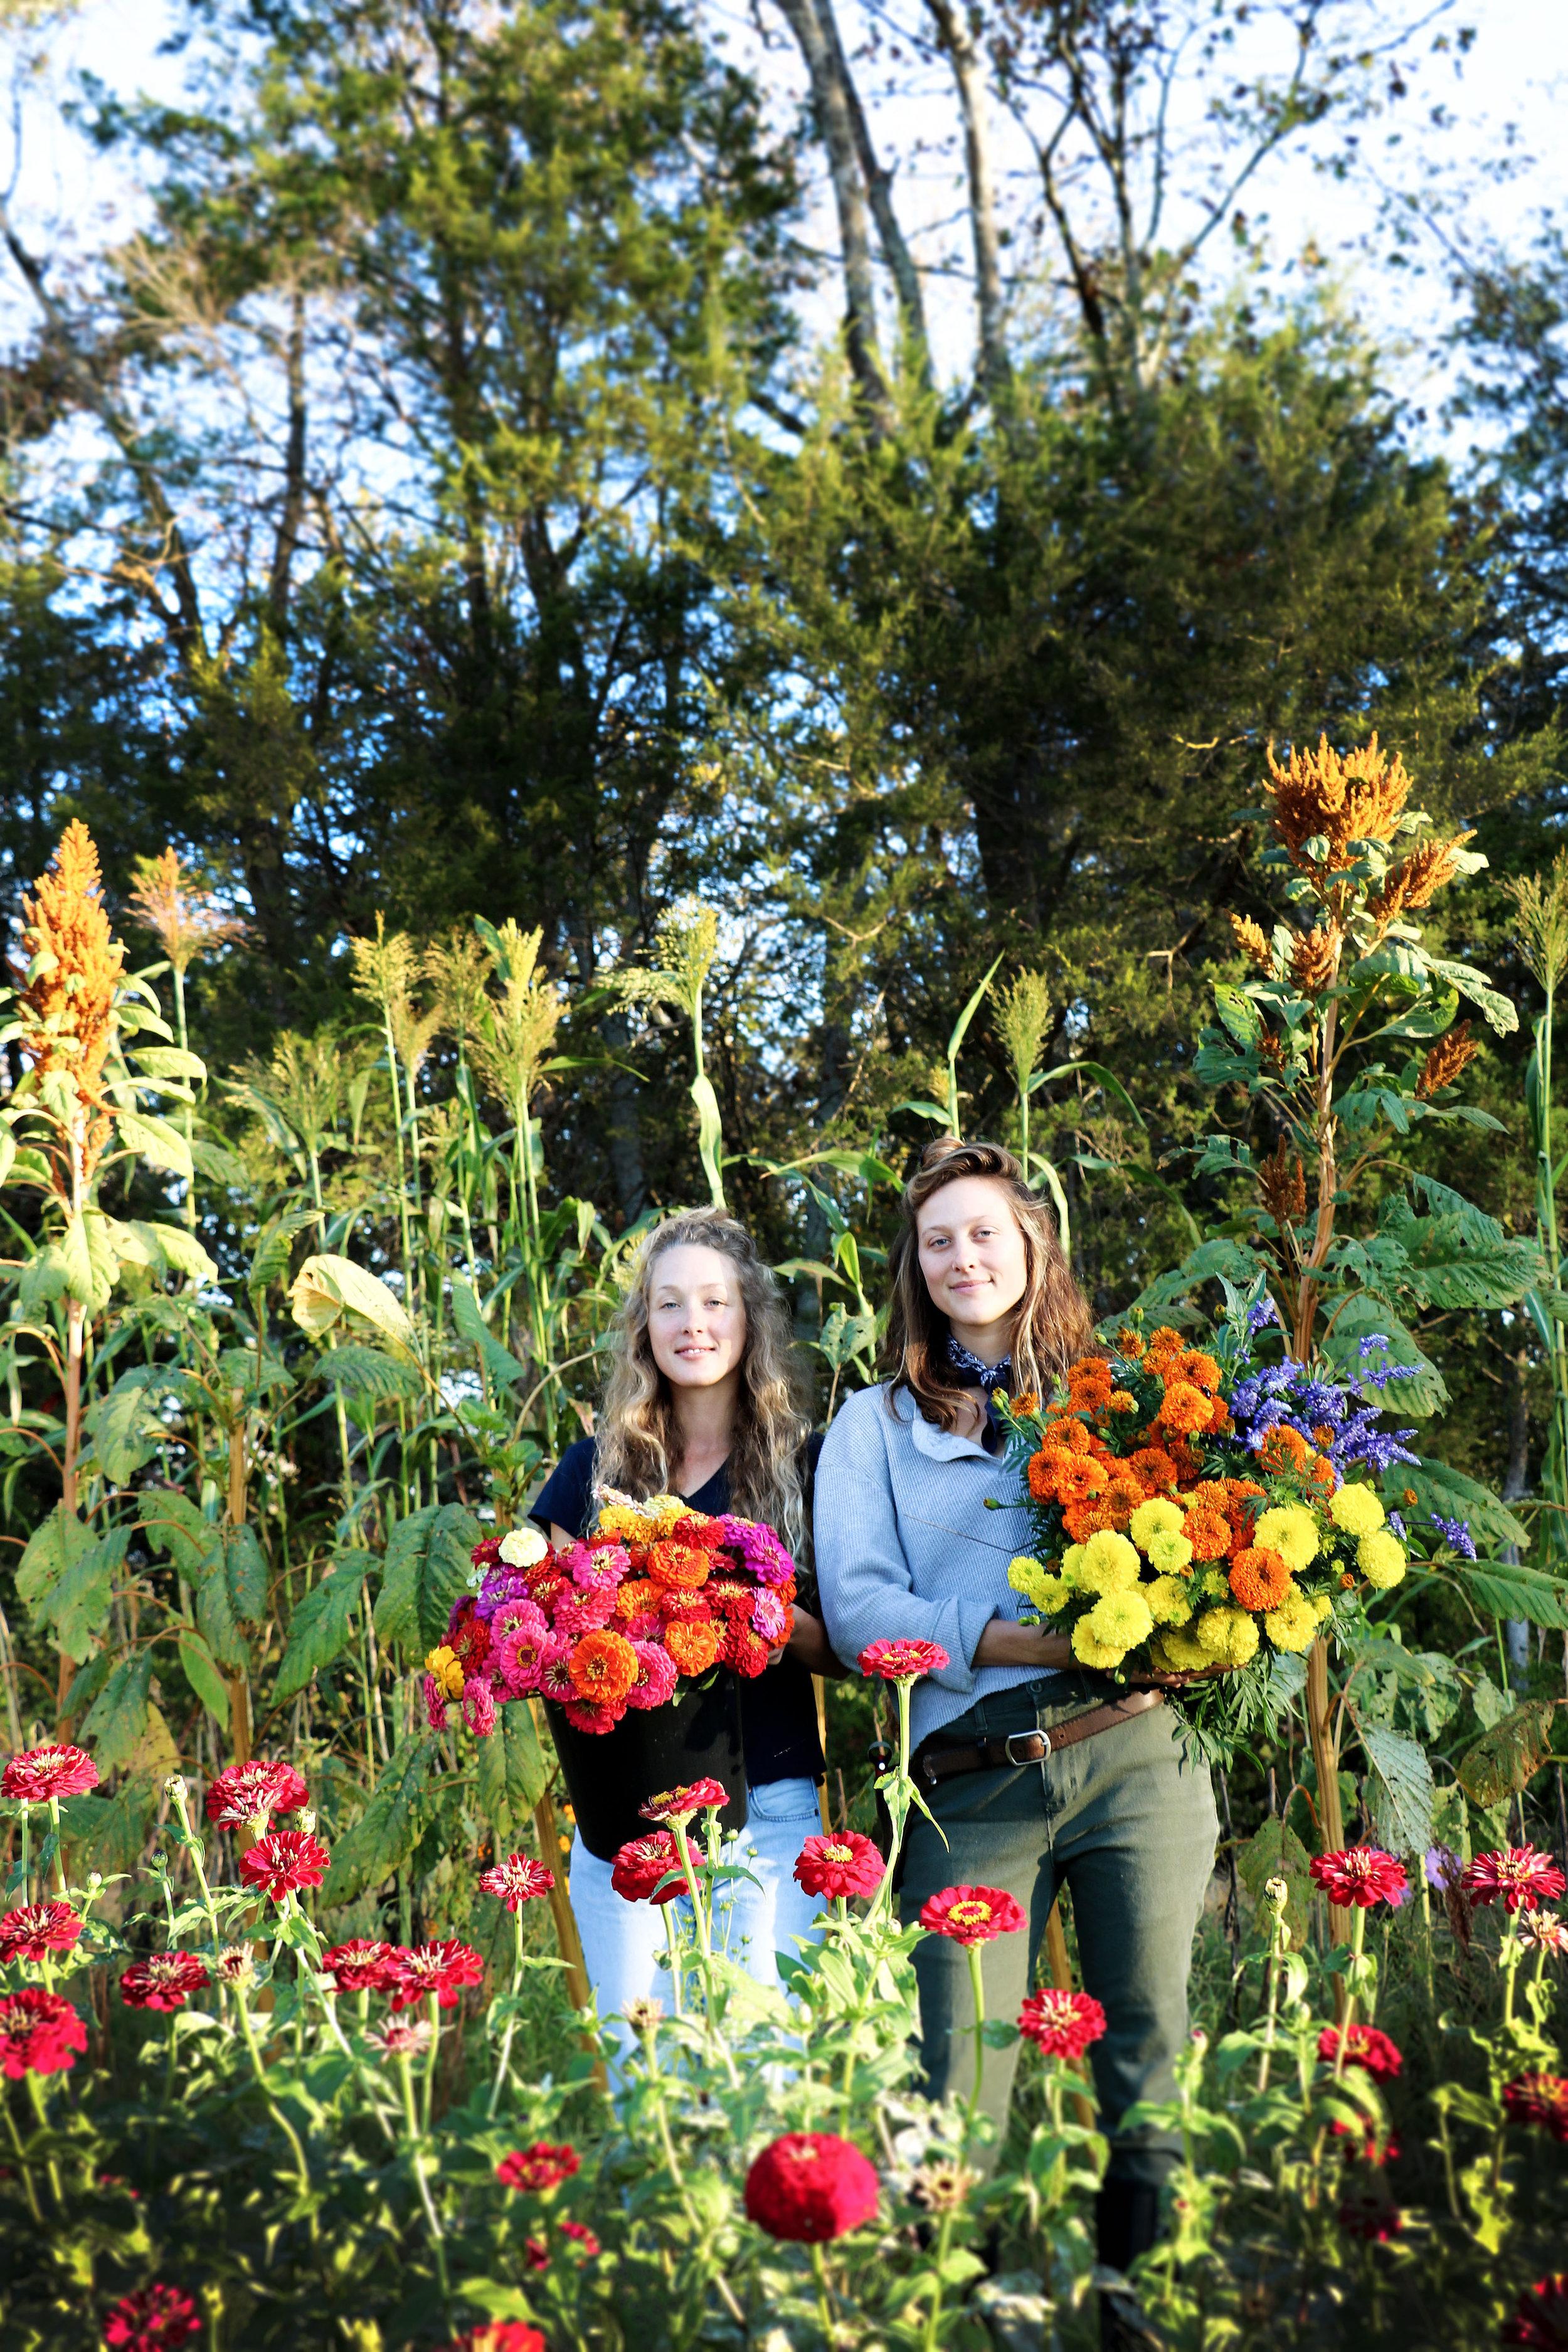 The Farmer S Florist Our Farmers